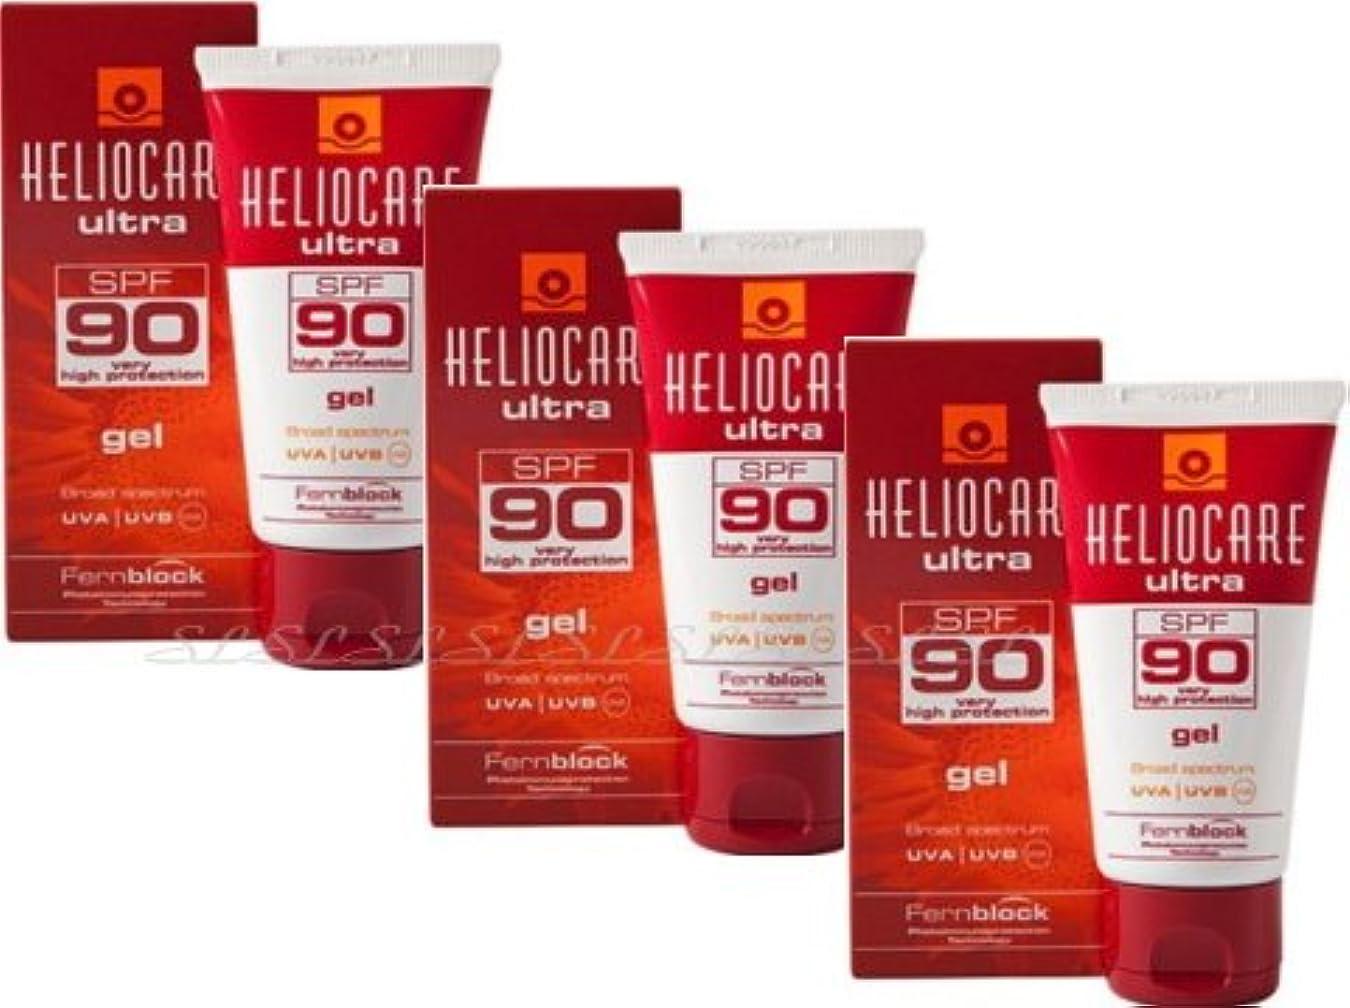 好み可塑性つま先【3個セット】ヘリオケア サンスクリーン SPF50+ (SPF90相当) ジェルタイプ Heliocare [並行輸入品][海外直送品]